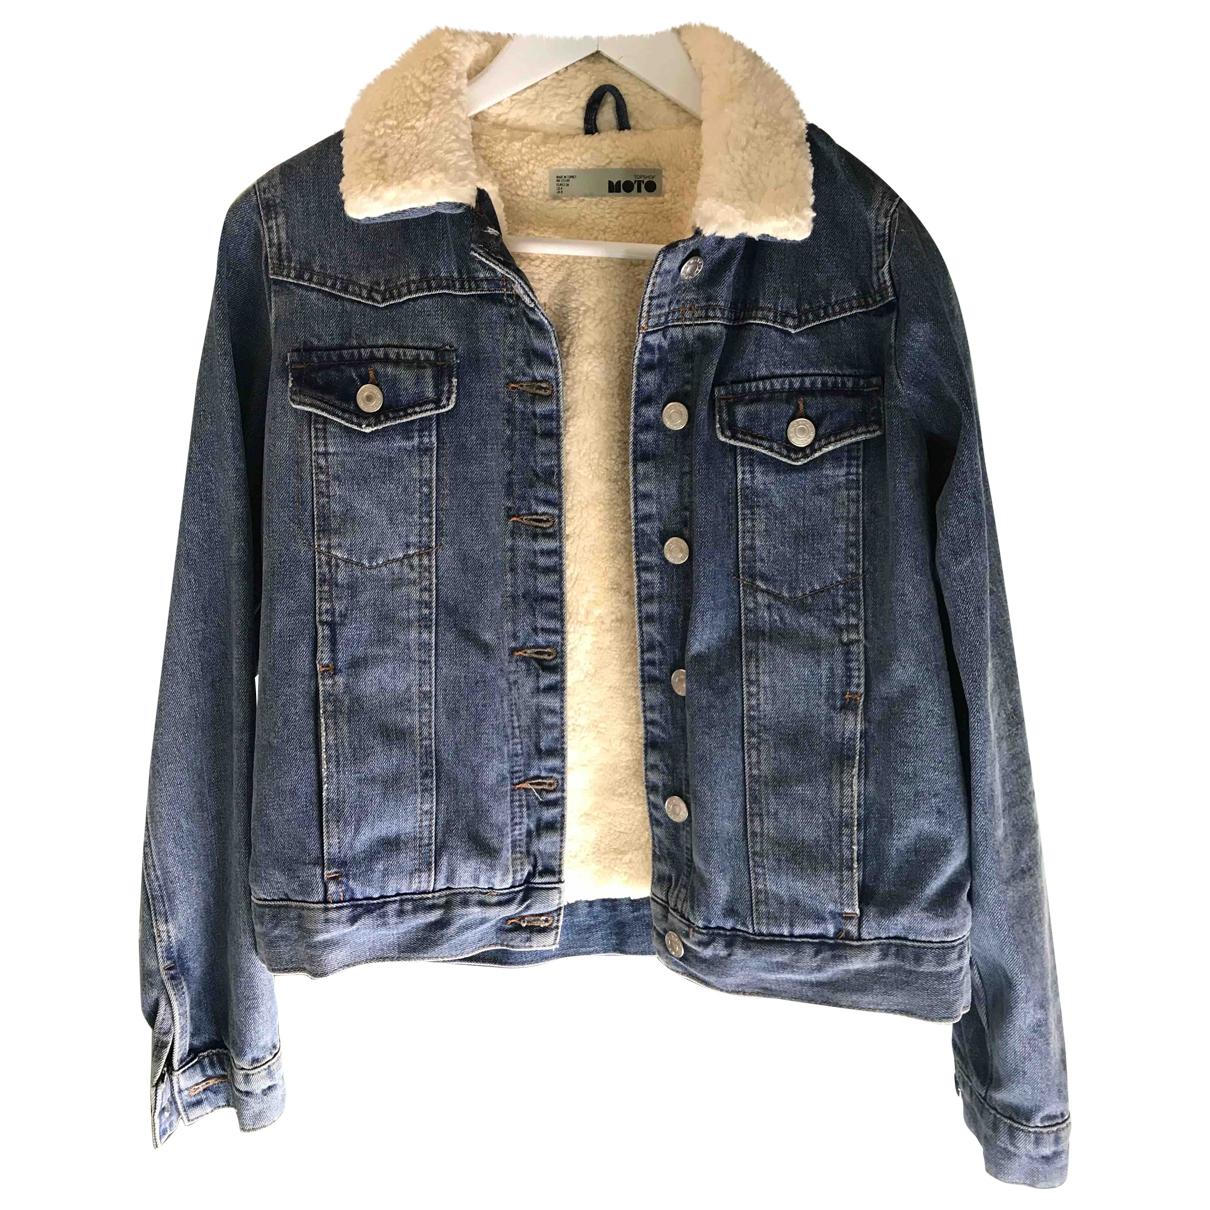 Tophop \N Jacke in  Blau Denim - Jeans